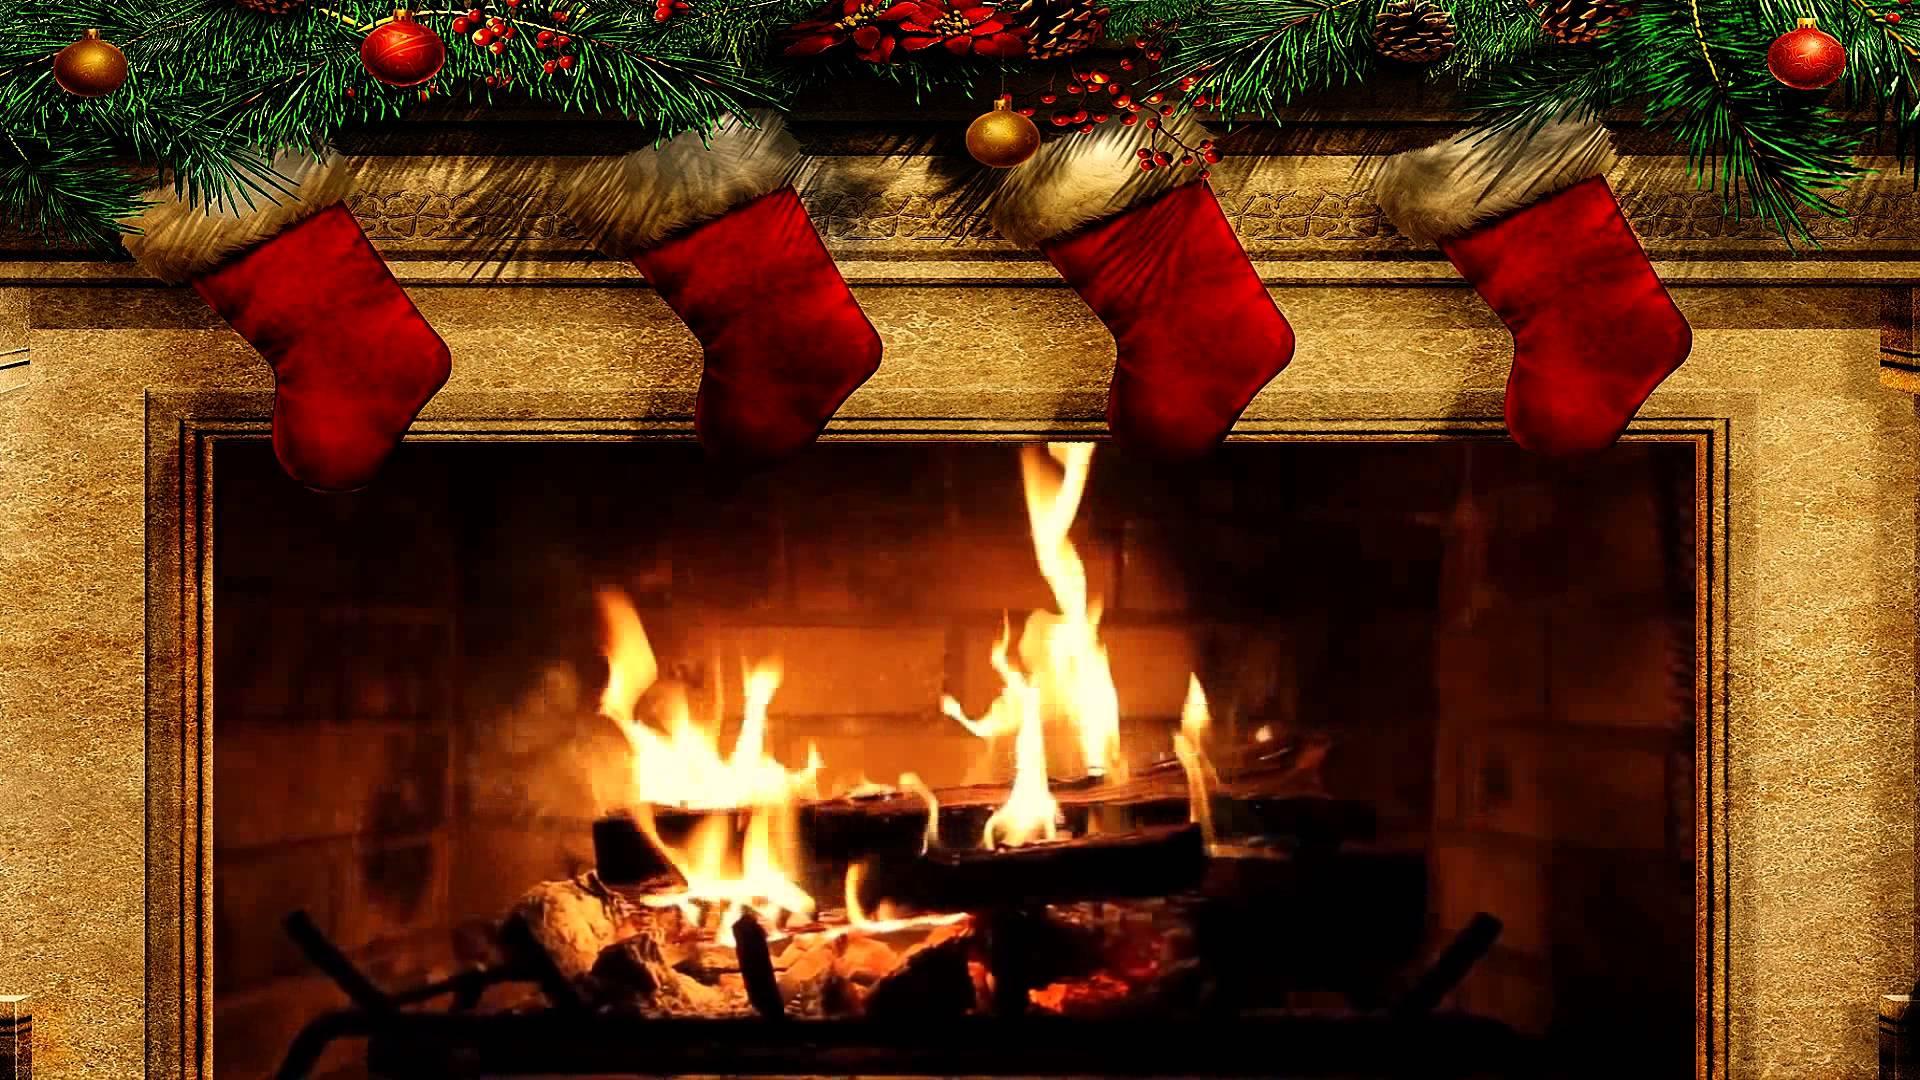 Xmas Image with stockings.jpg